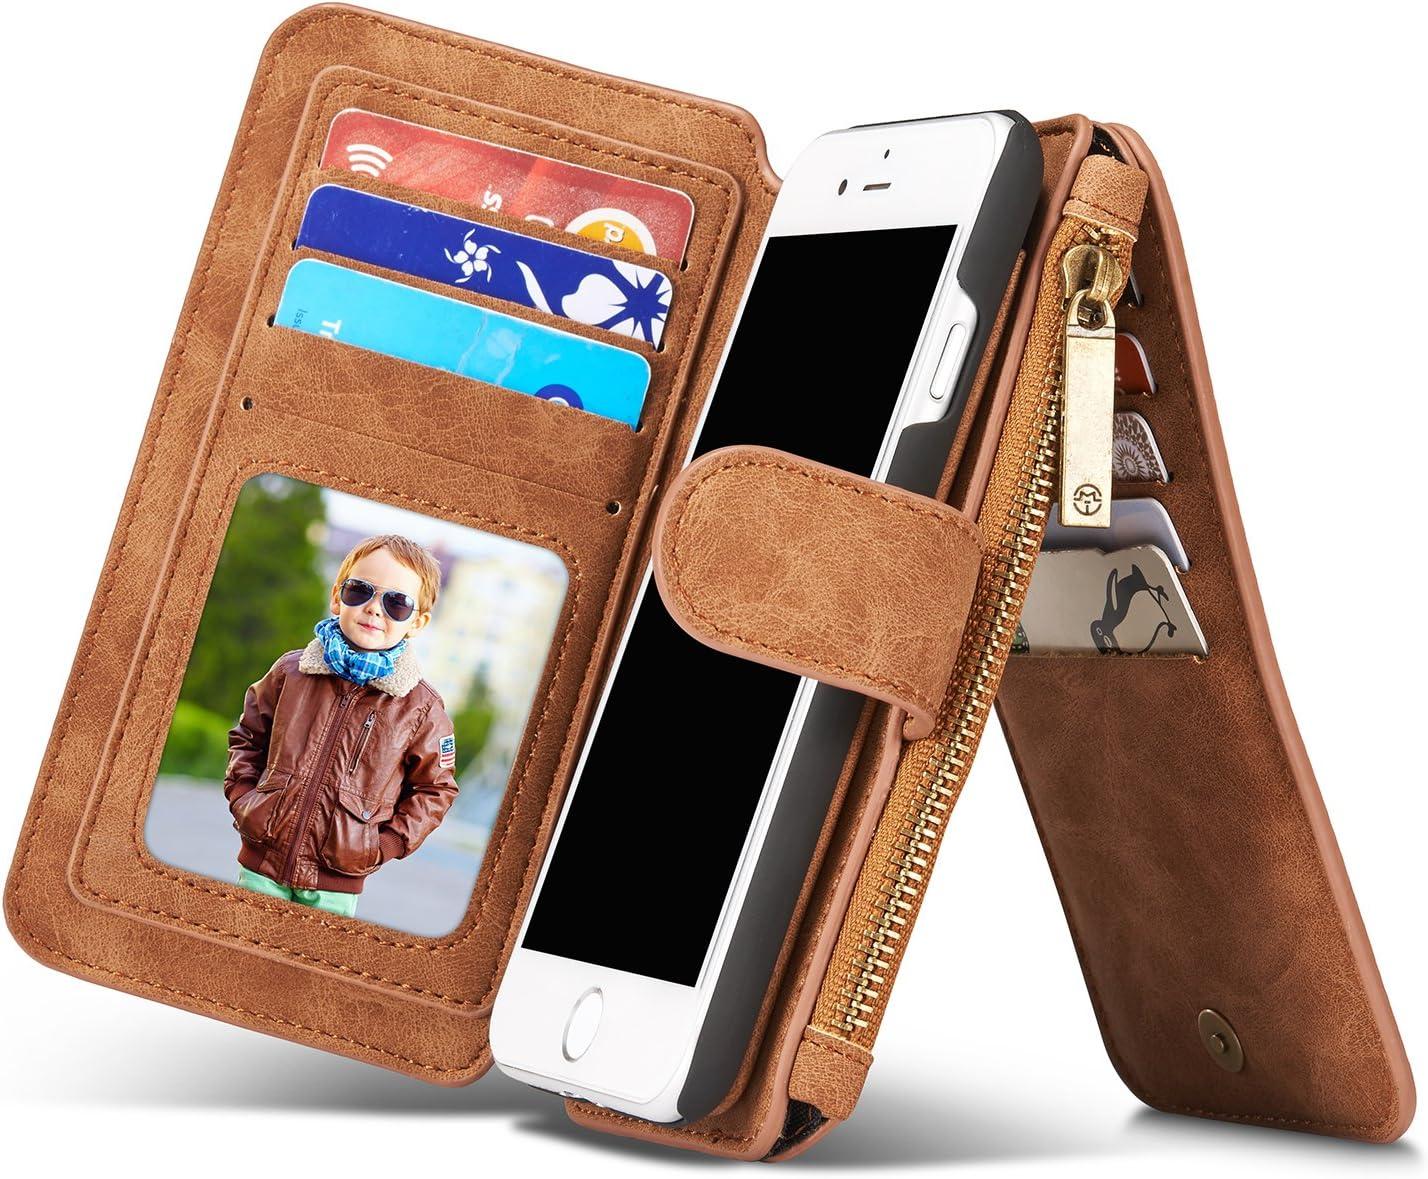 Coque pour iPhone 8 et iPhone 7, étui portefeuille rétro en cuir véritable pour iPhone 7 iPhone 8 W avec poches pour cartes et fermeture éclair ...